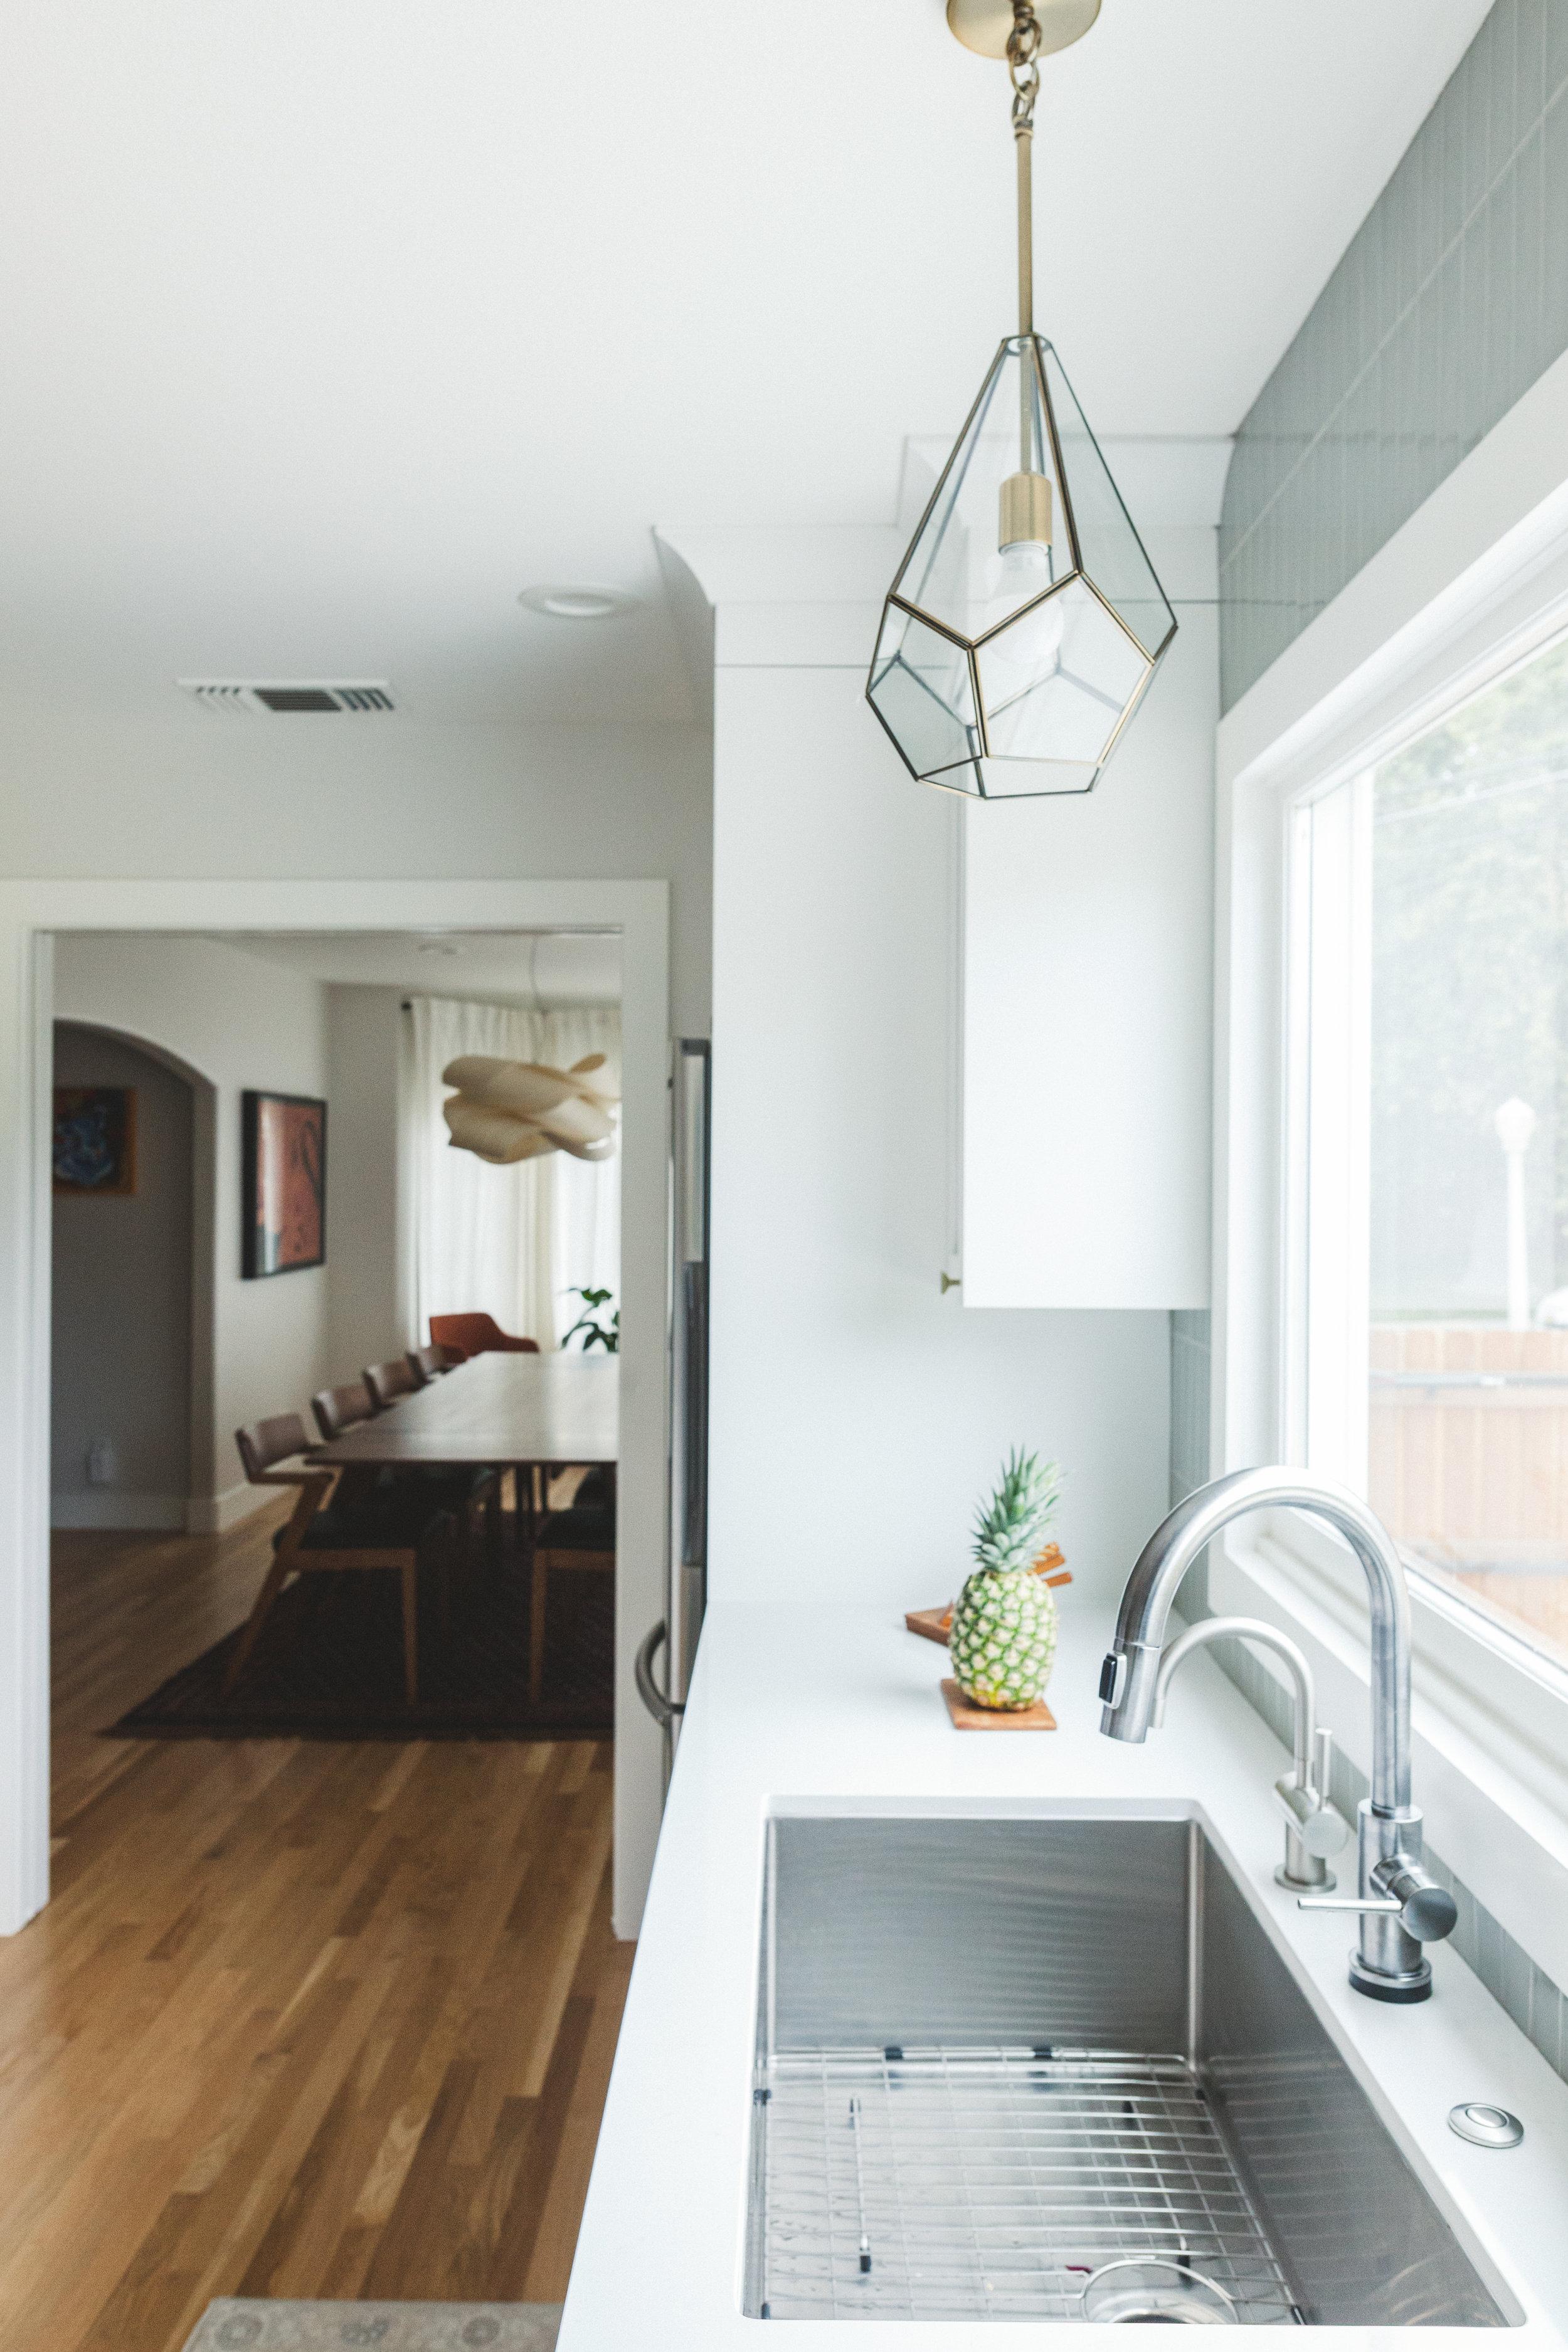 Gen-M-Architecture-Kitchen-Sink-Tile-Backsplash.jpg